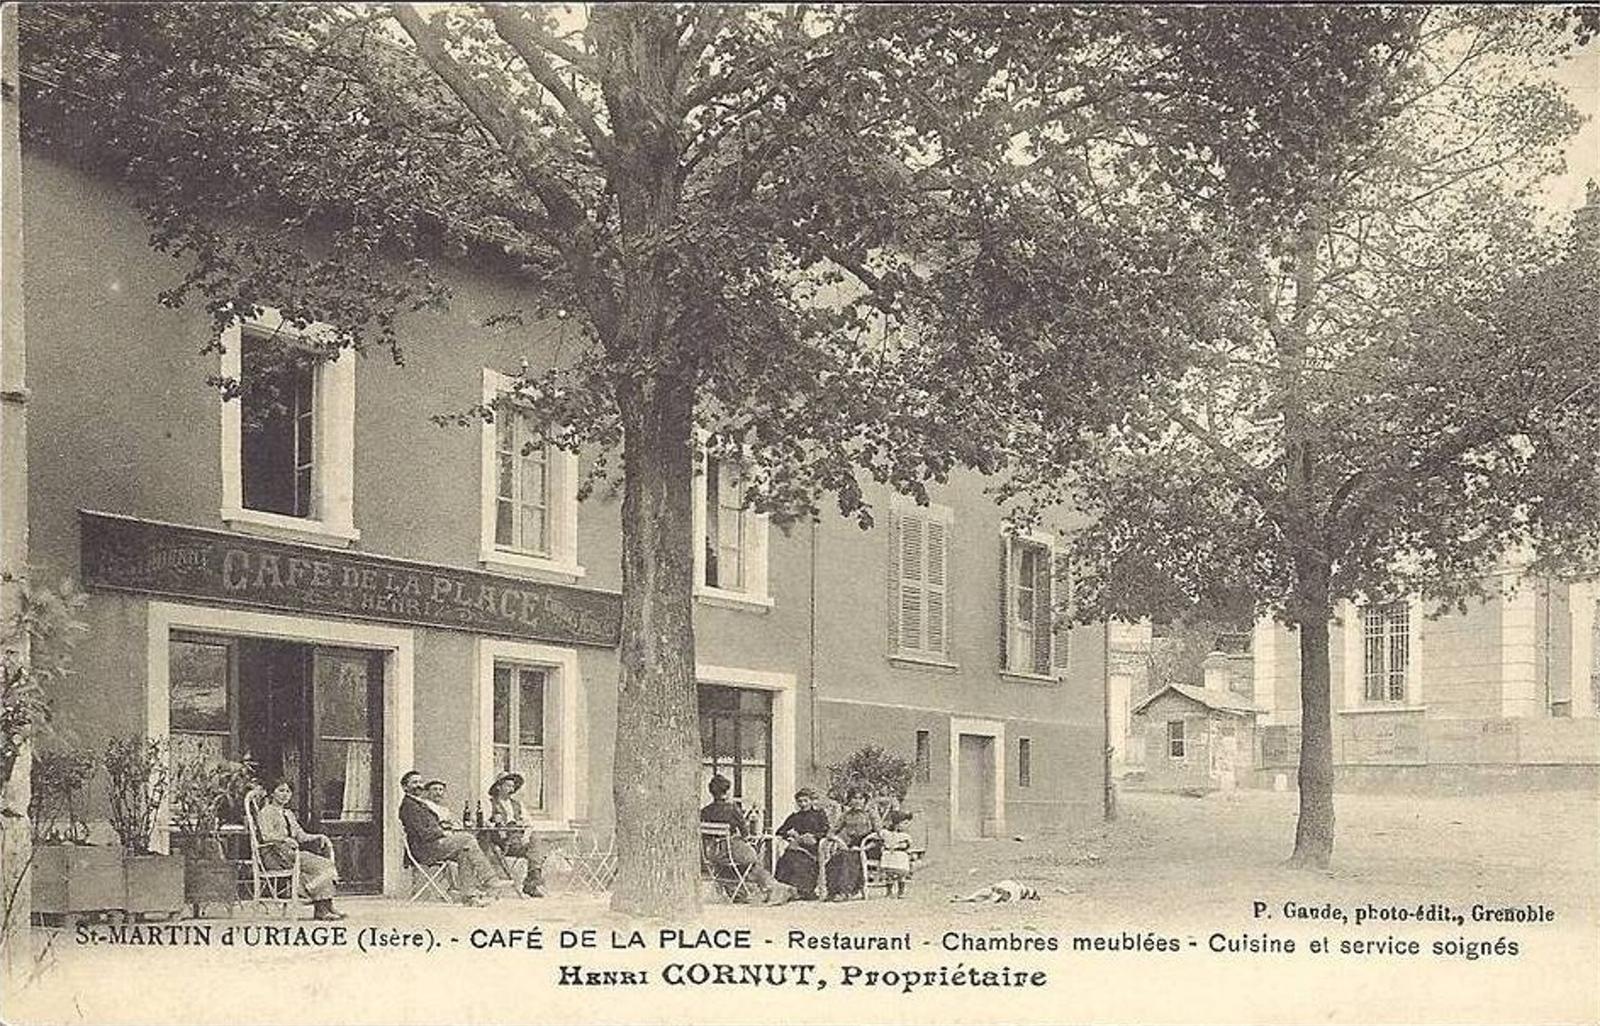 Bibliothèque Saint Martin D Uriage saint-martin-d'uriage - café de la place - carte postale